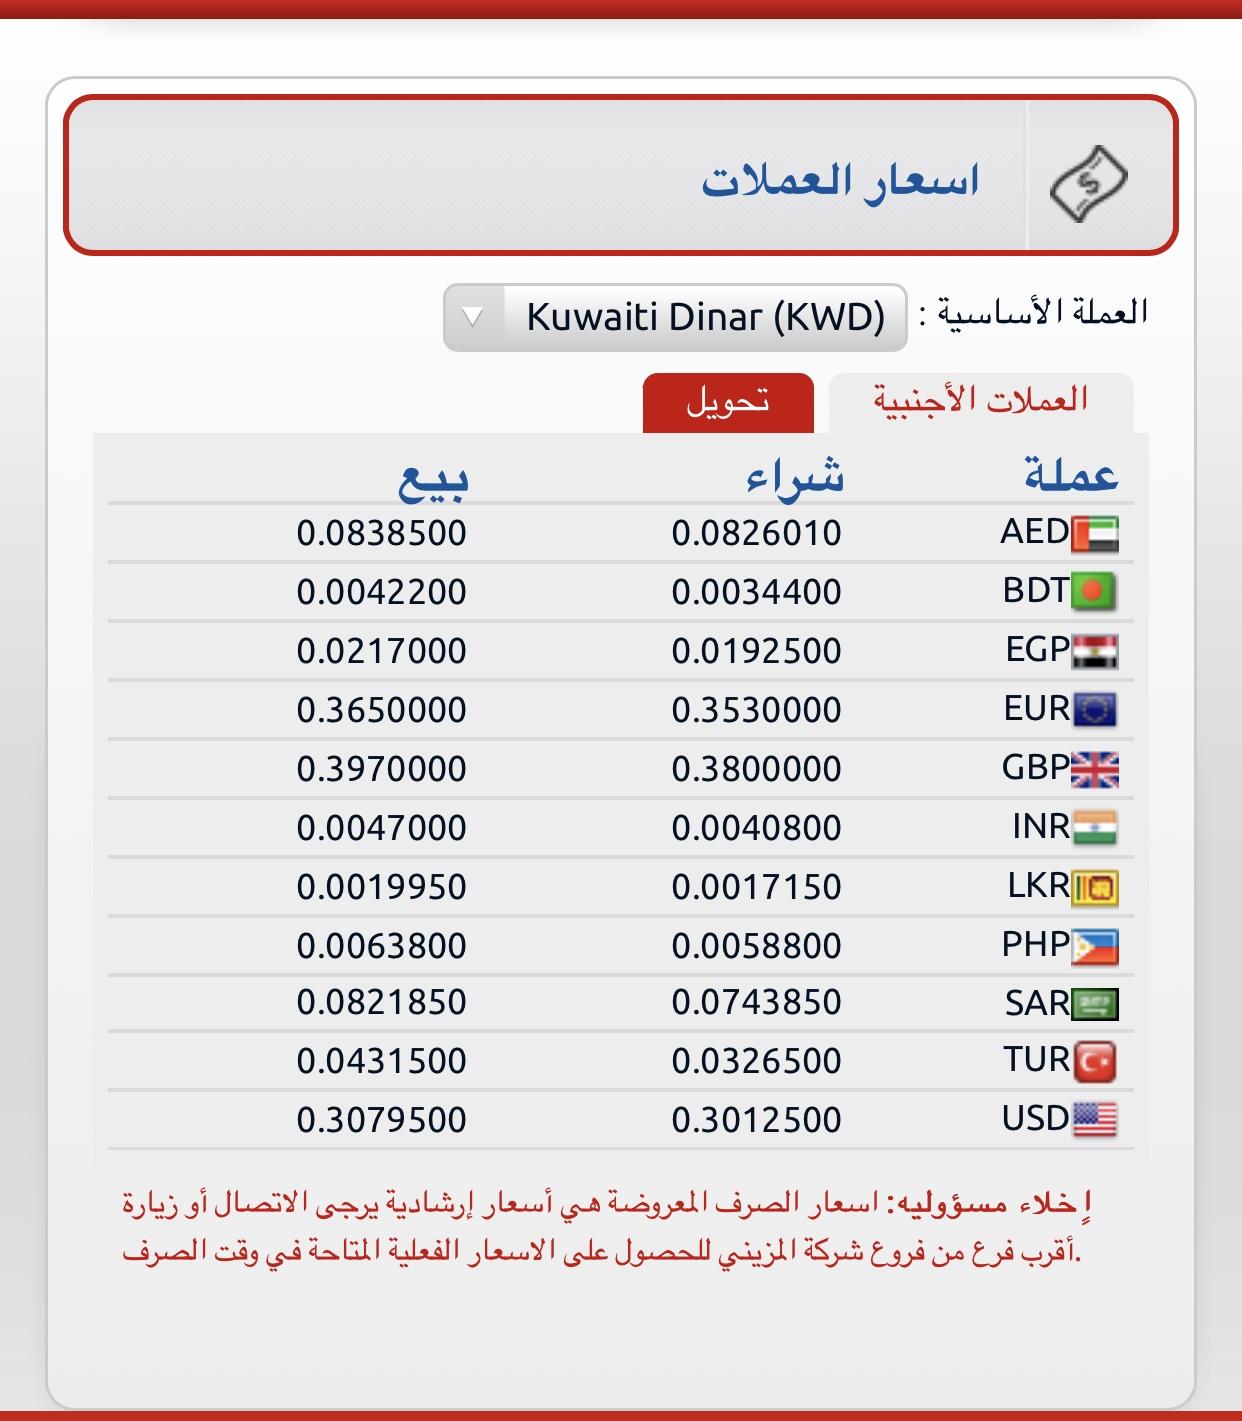 الدينار الكويتي مقابل الجنية المصري والعملات اليوم بصرافة المزيني ٢٨ سيبتمبر ٢٠٢٠